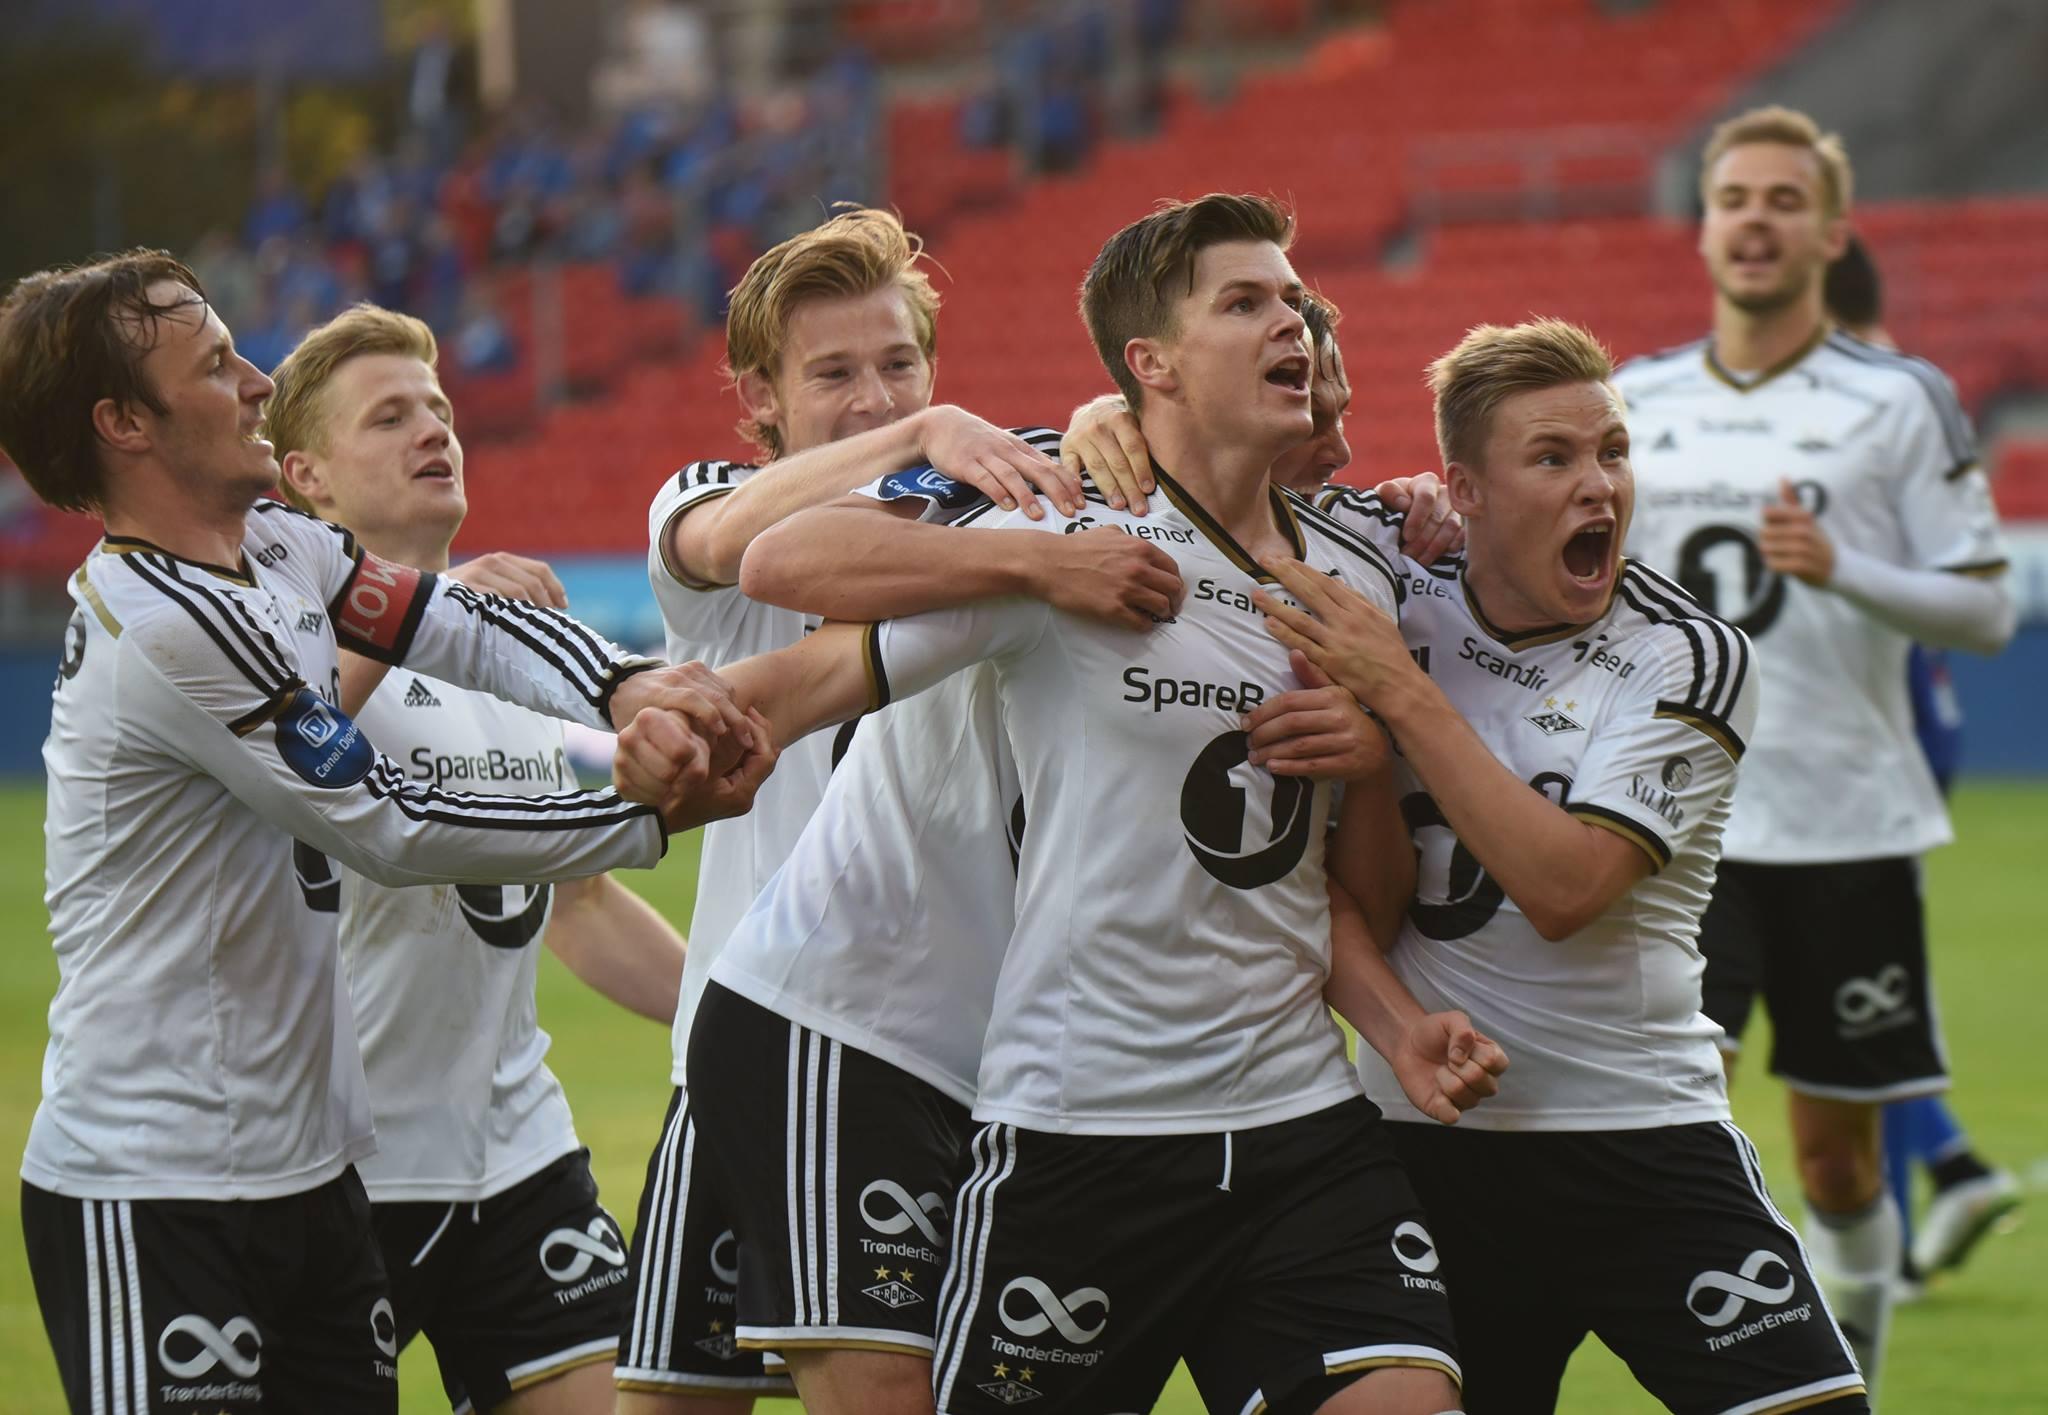 Valerenga-Rosenborg 16 settembre: match valido per la 22 esima giornata del campionato norvegese. Sfida insidiosa per la capolista.